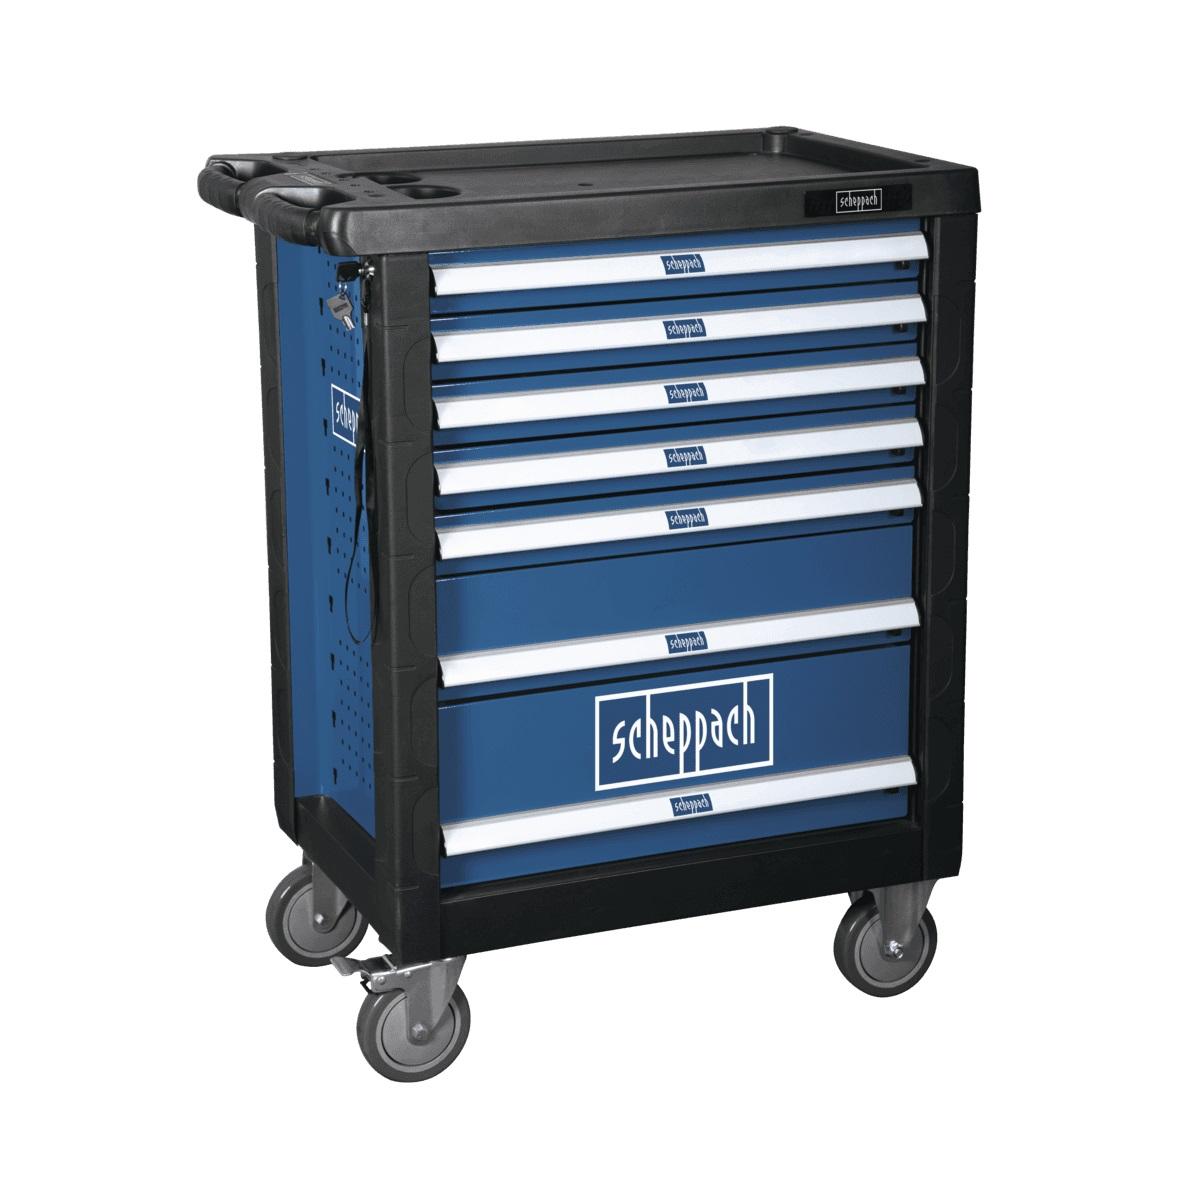 Scheppach TW 1000, dílenský vozík s nářadím, 7 zásuvek, 263 dílů